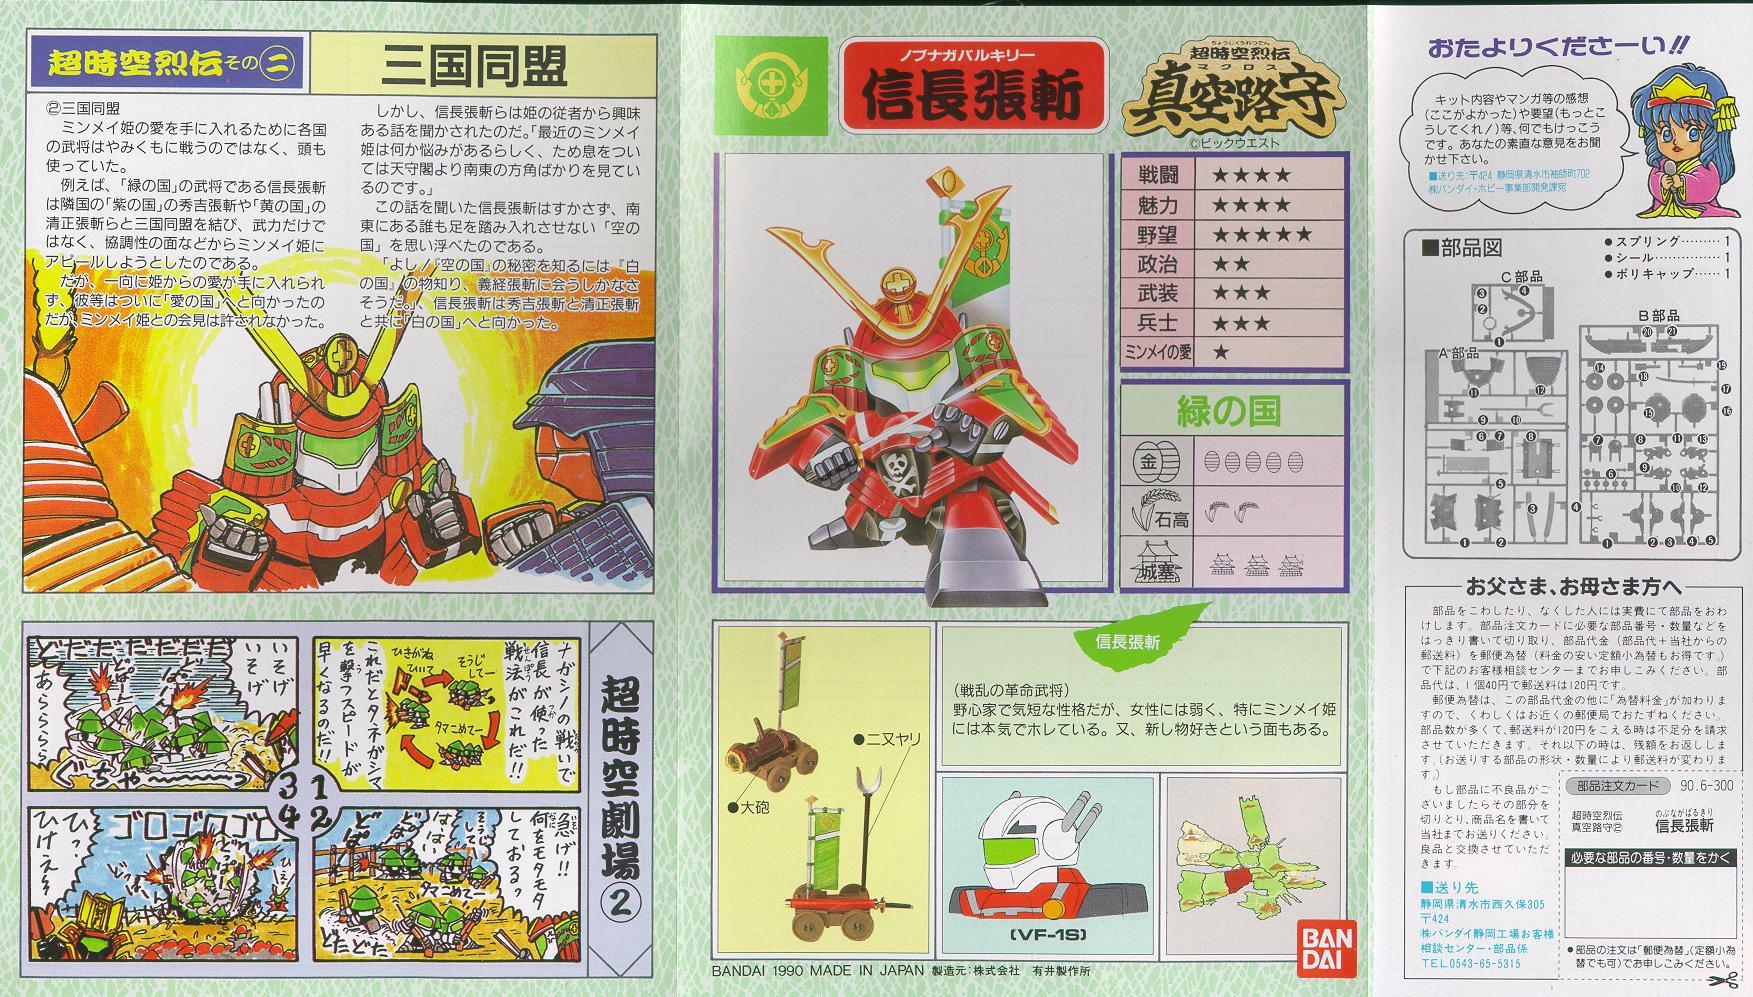 """MACROSS """"Valkyries"""" (Bandai, Hasbro...) 198? 29947i"""